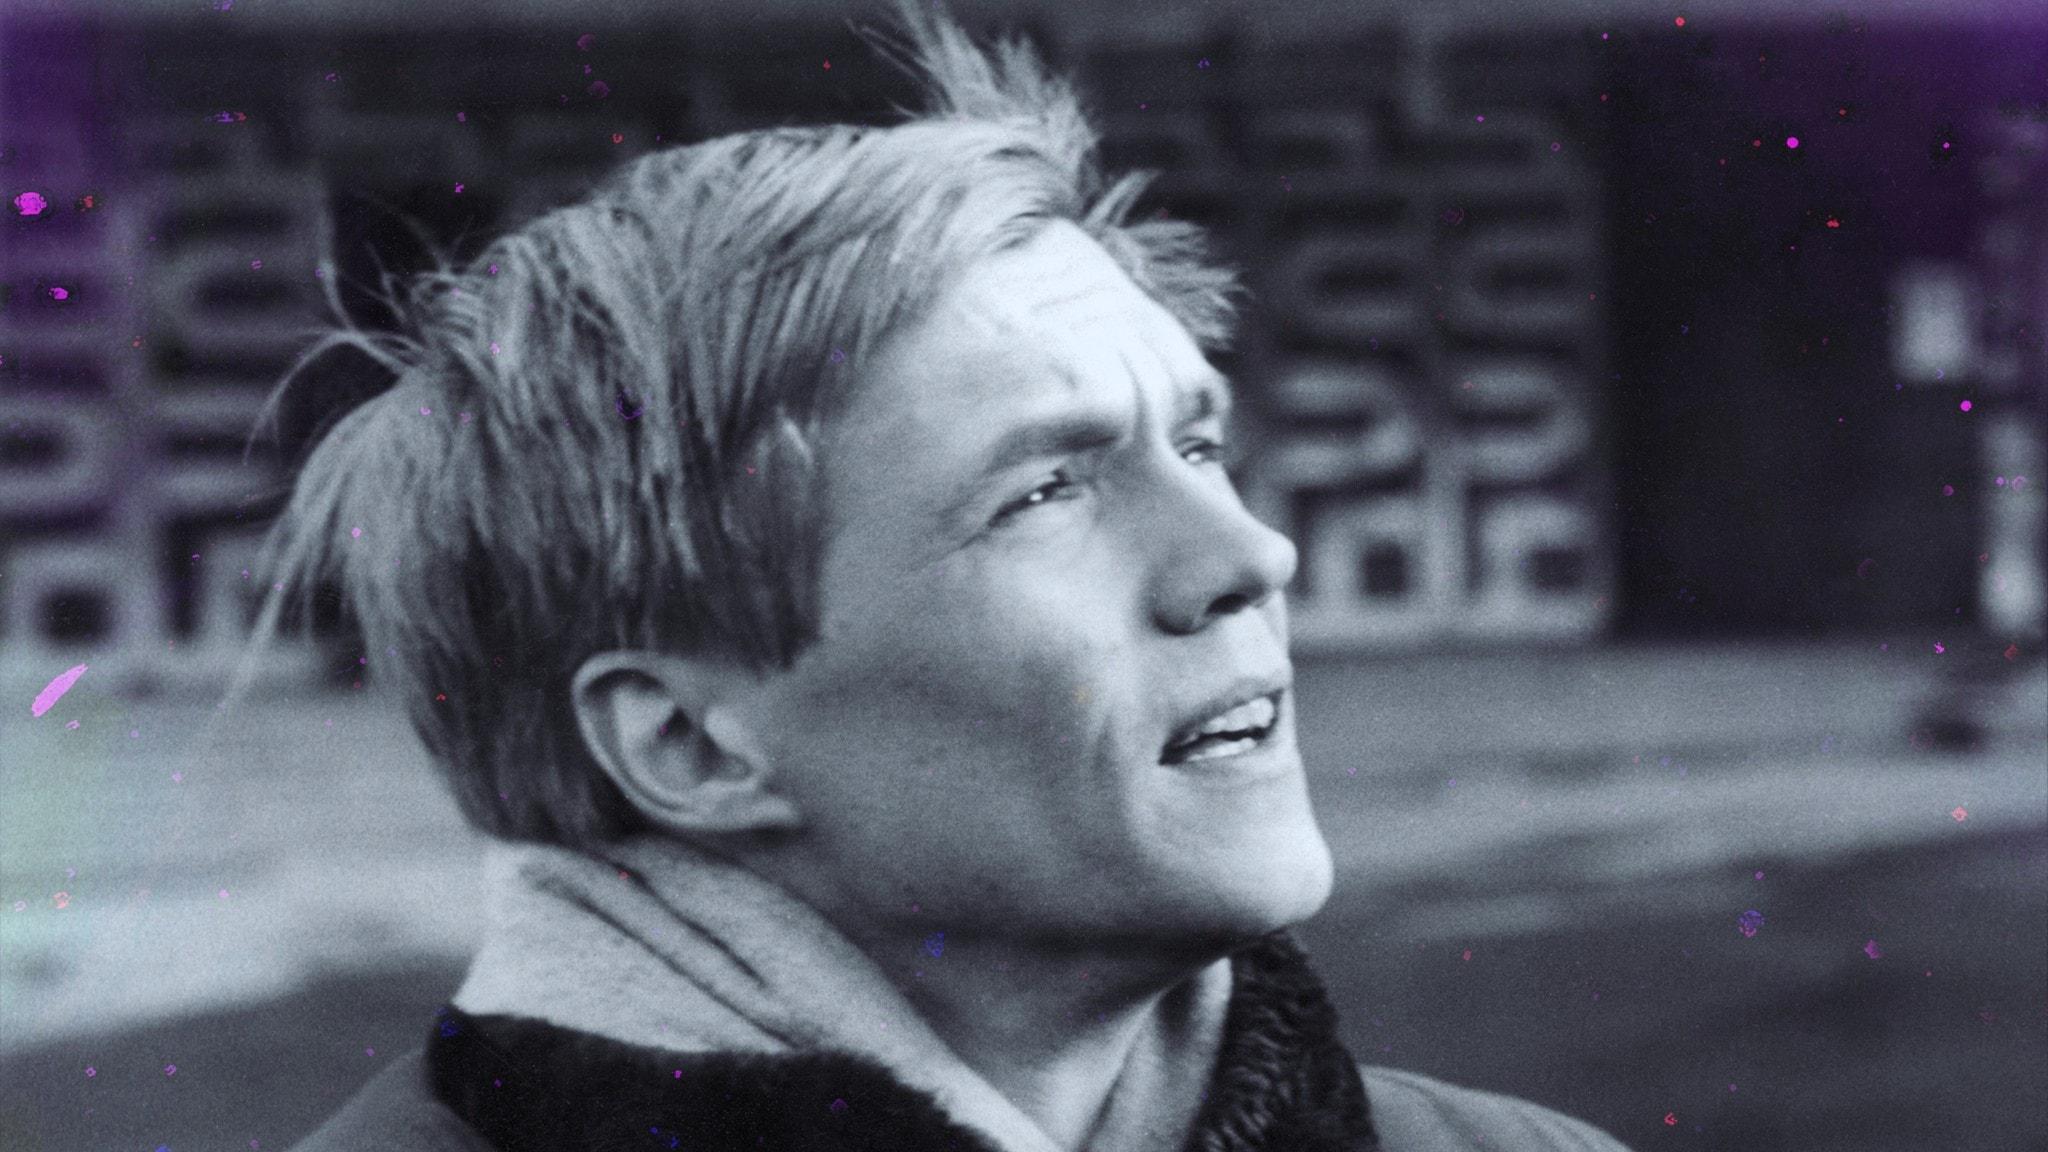 Porträtt av en ung Per Oscarsson i utemiljö.